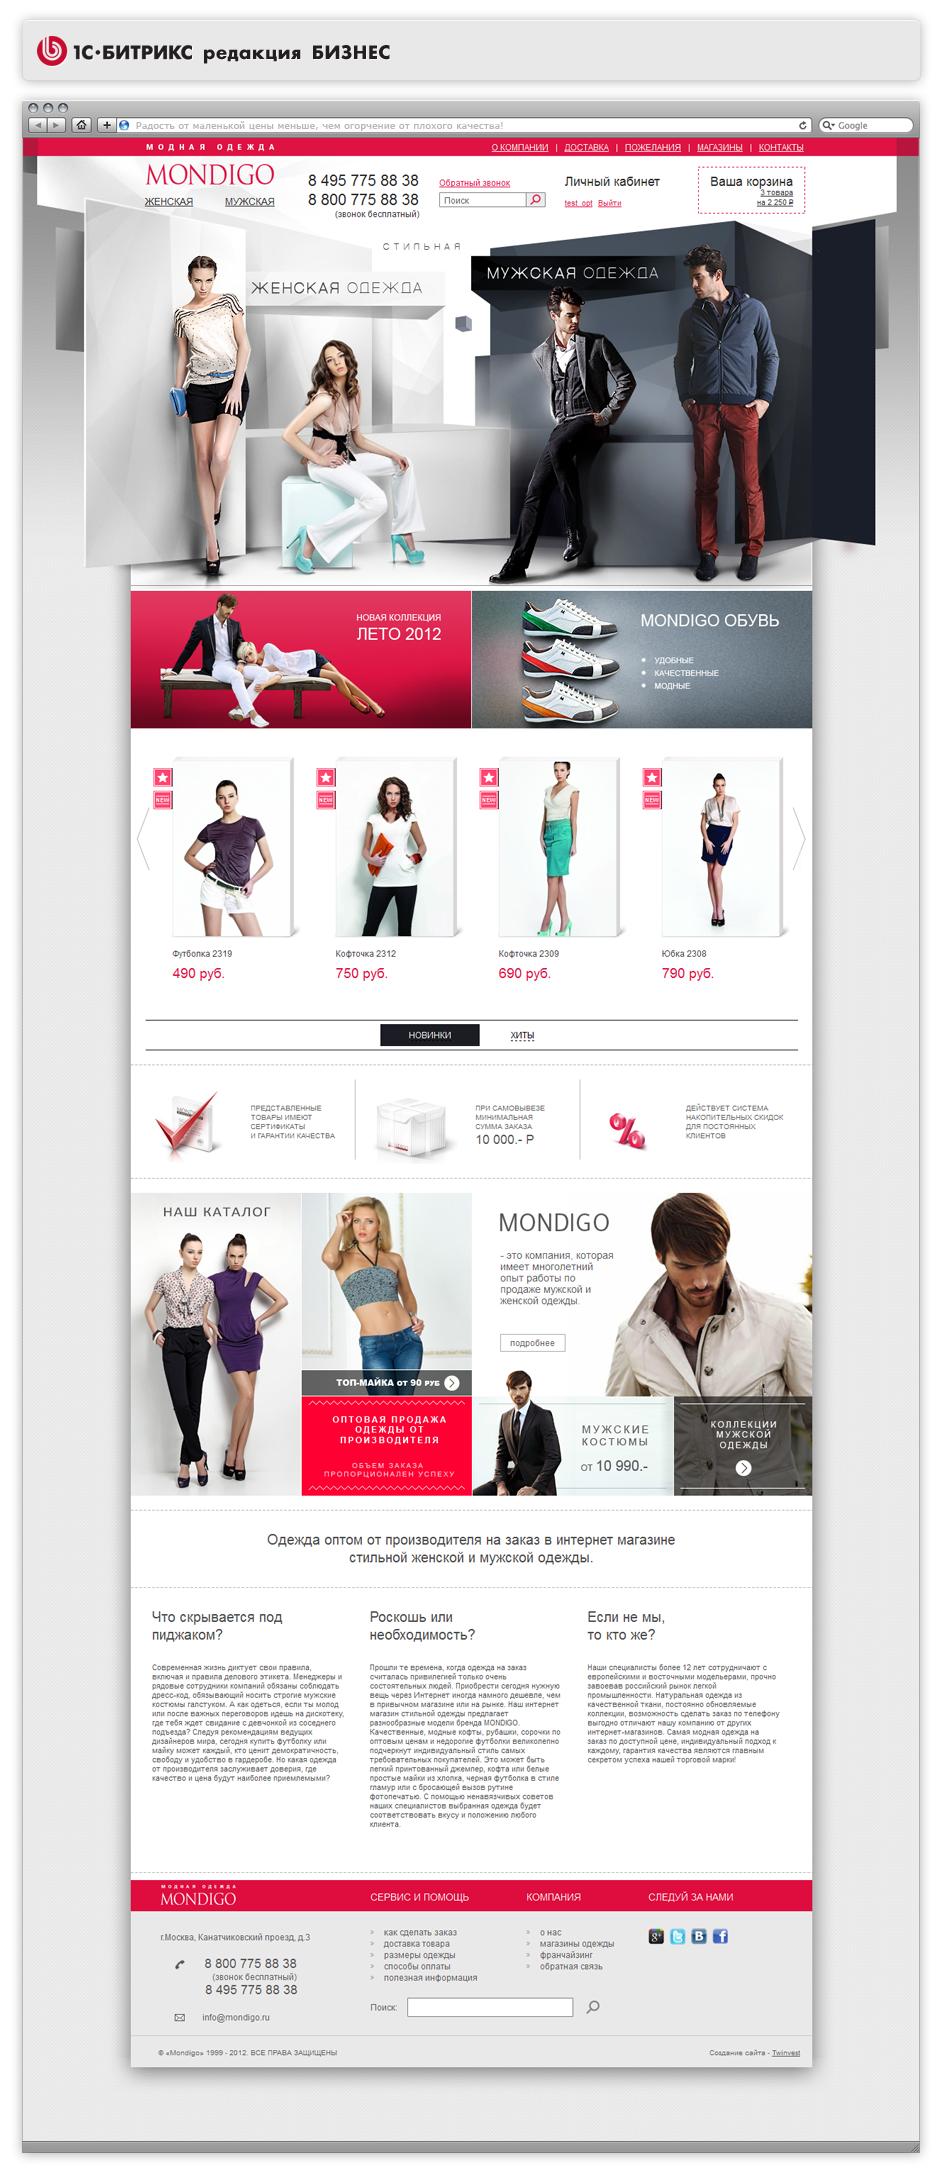 Mondigo.ru оптовый интернет магазин под ключ + интеграция 1С УТ 10.3